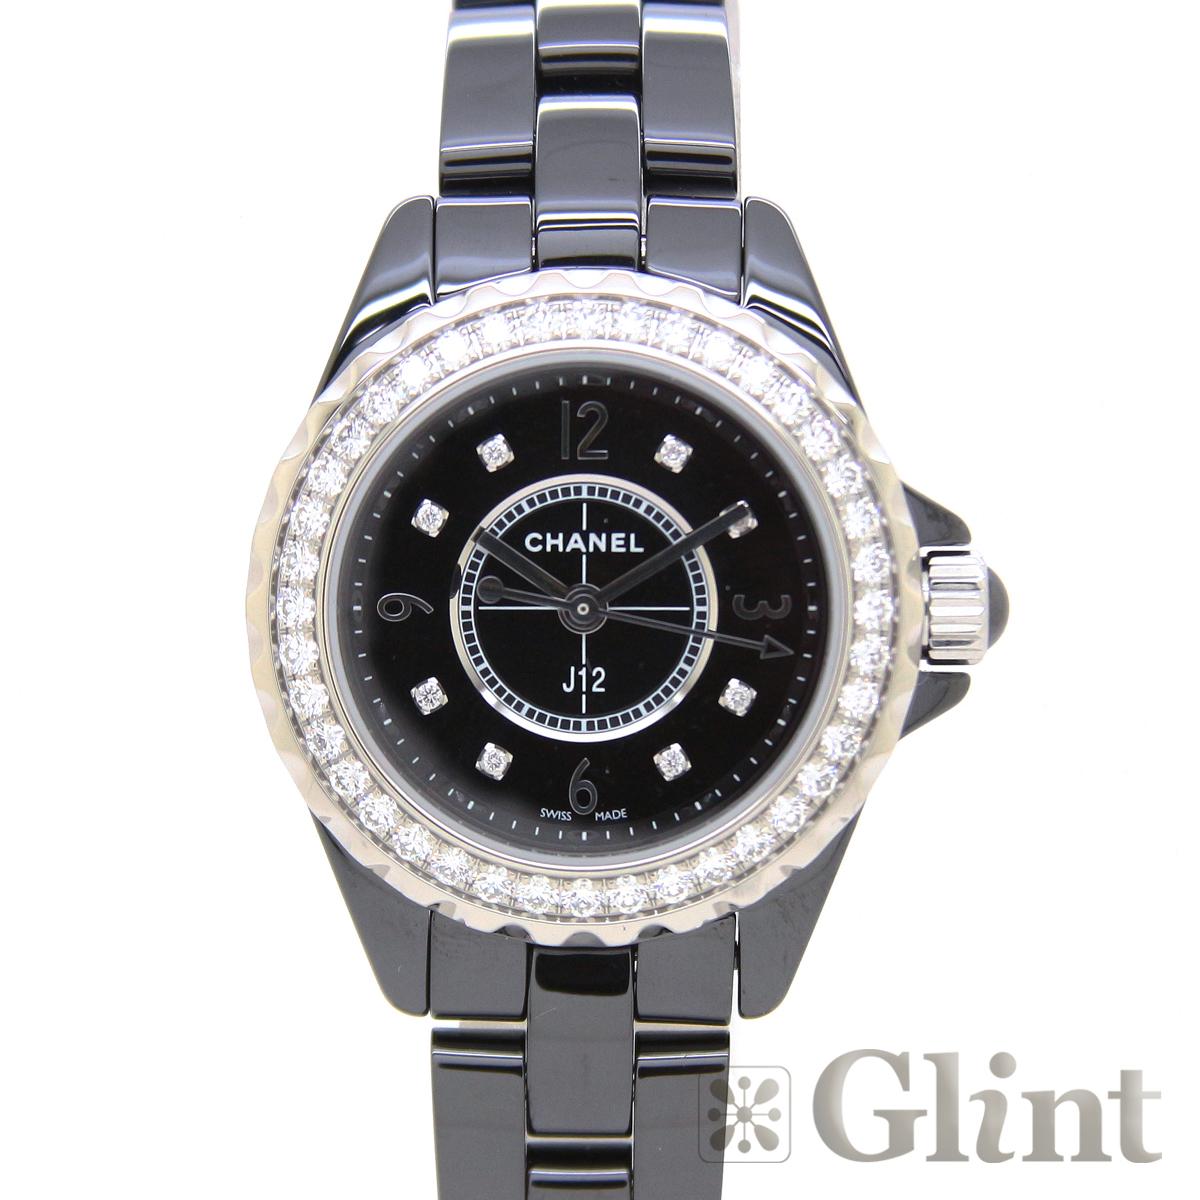 シャネル(CHANEL)J12 ジェイトゥエルヴ H2571 29mm 8Pダイヤモンド ブラックセラミック〔腕時計〕〔レディース〕 〔純正ダイヤモンドベゼル〕【新品】